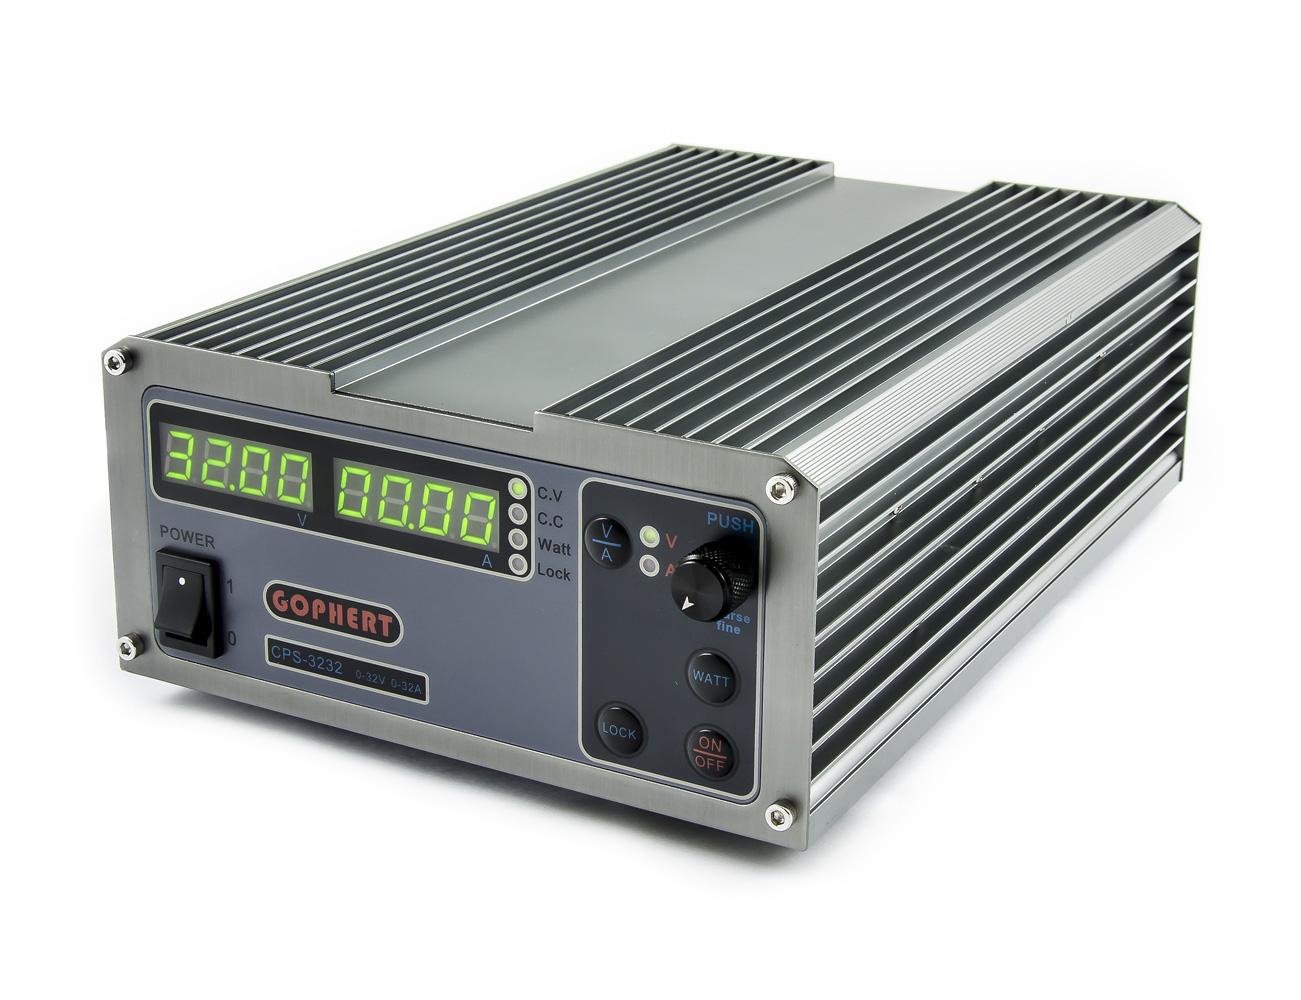 Pulzní laboratorní zdroj s wattmetrem Gophert CPS-3232 0-32V/32A